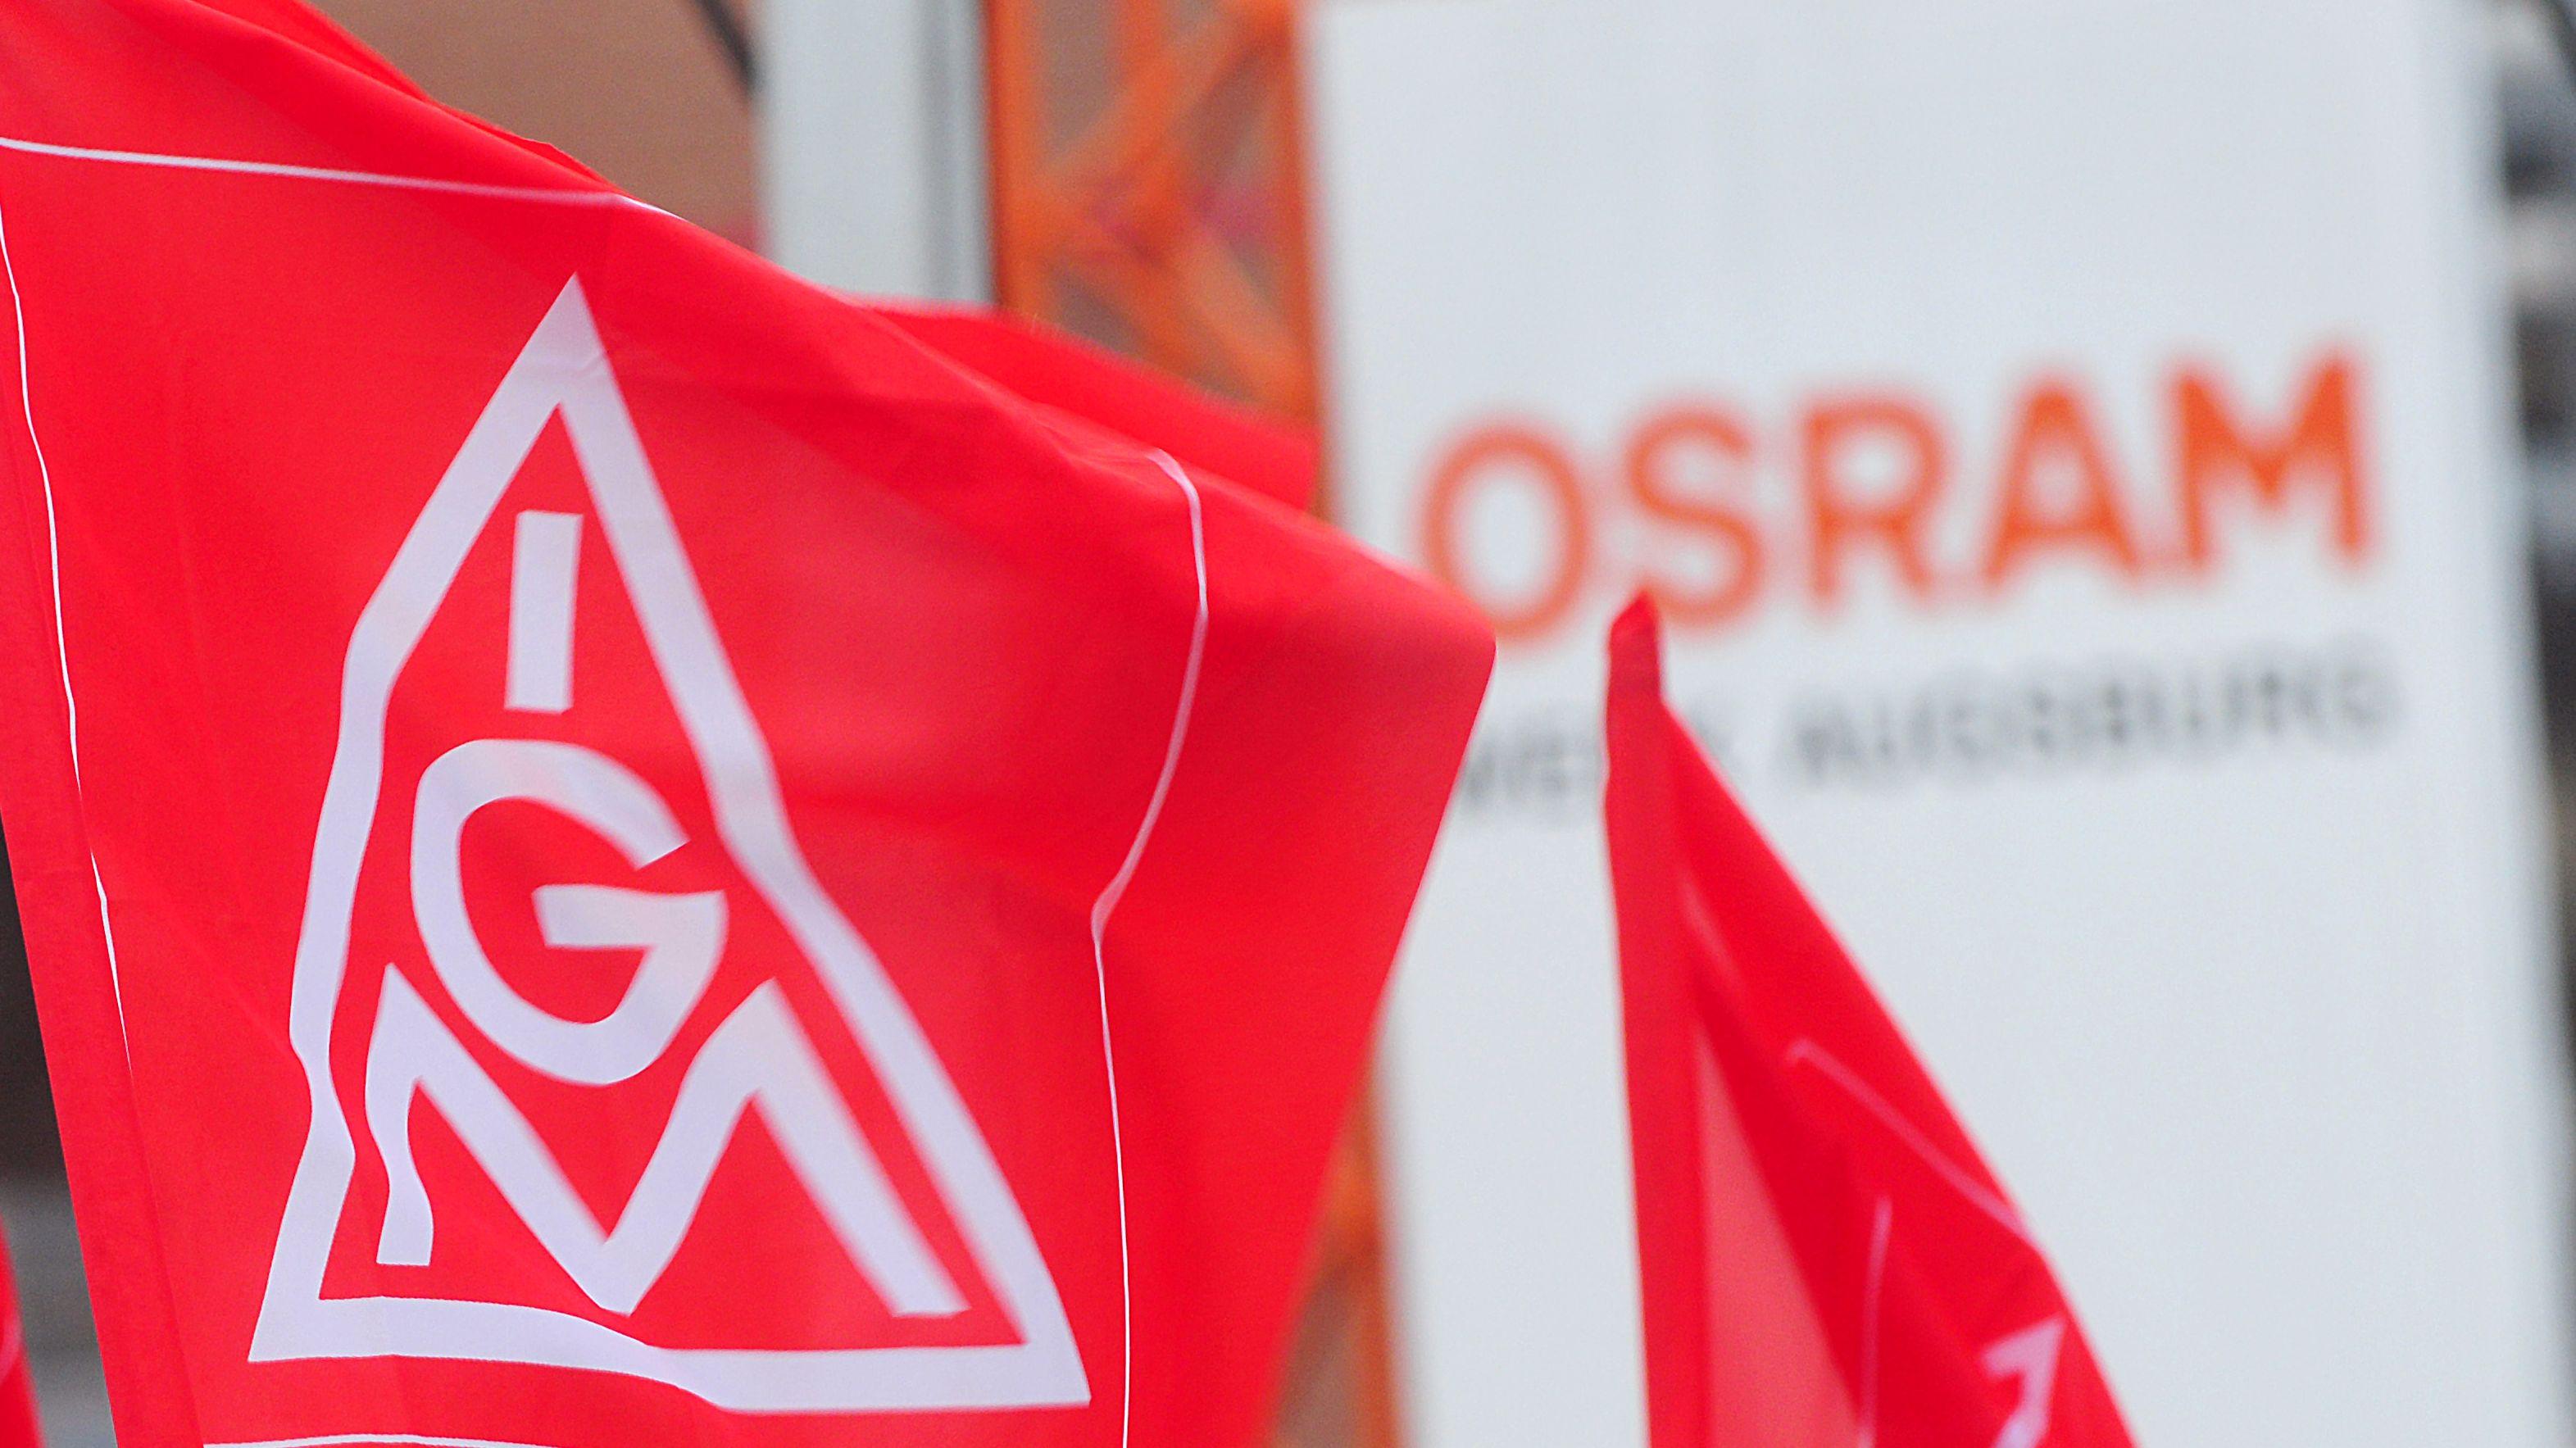 Eine IG-Metall-Fahne wird vor dem Firmenlogo von Osram gehalten.